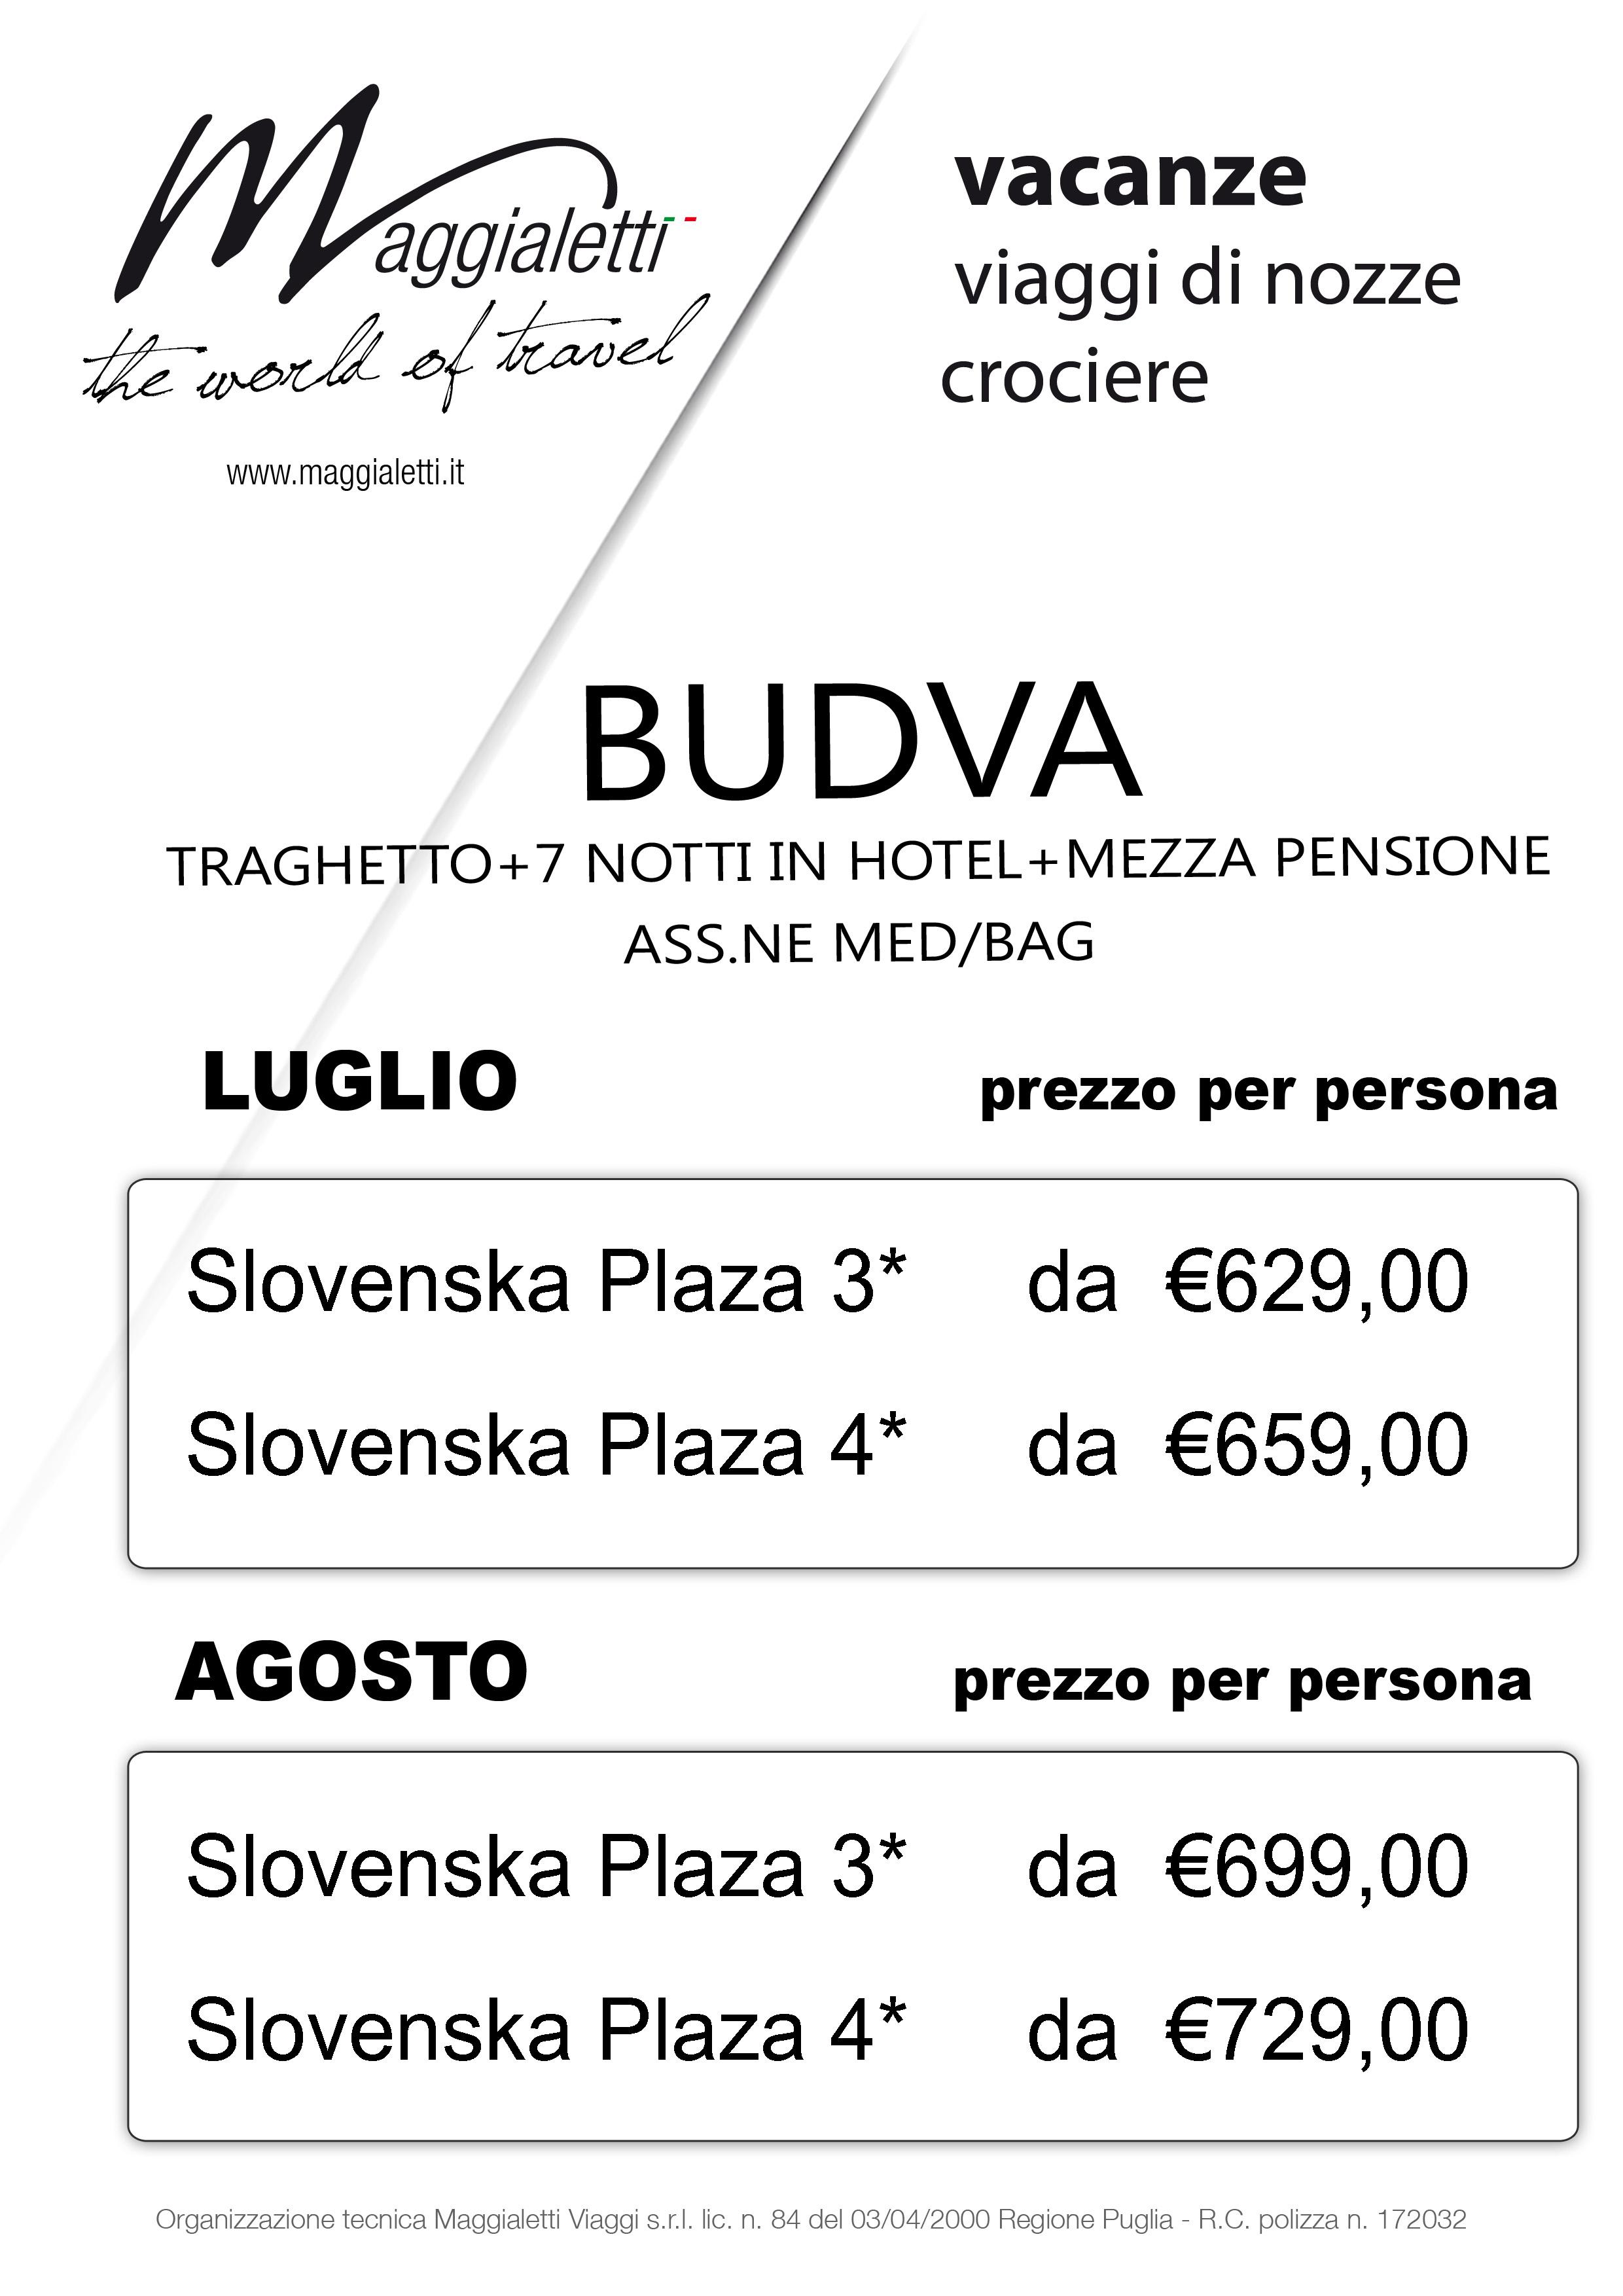 budva-2020-tabella